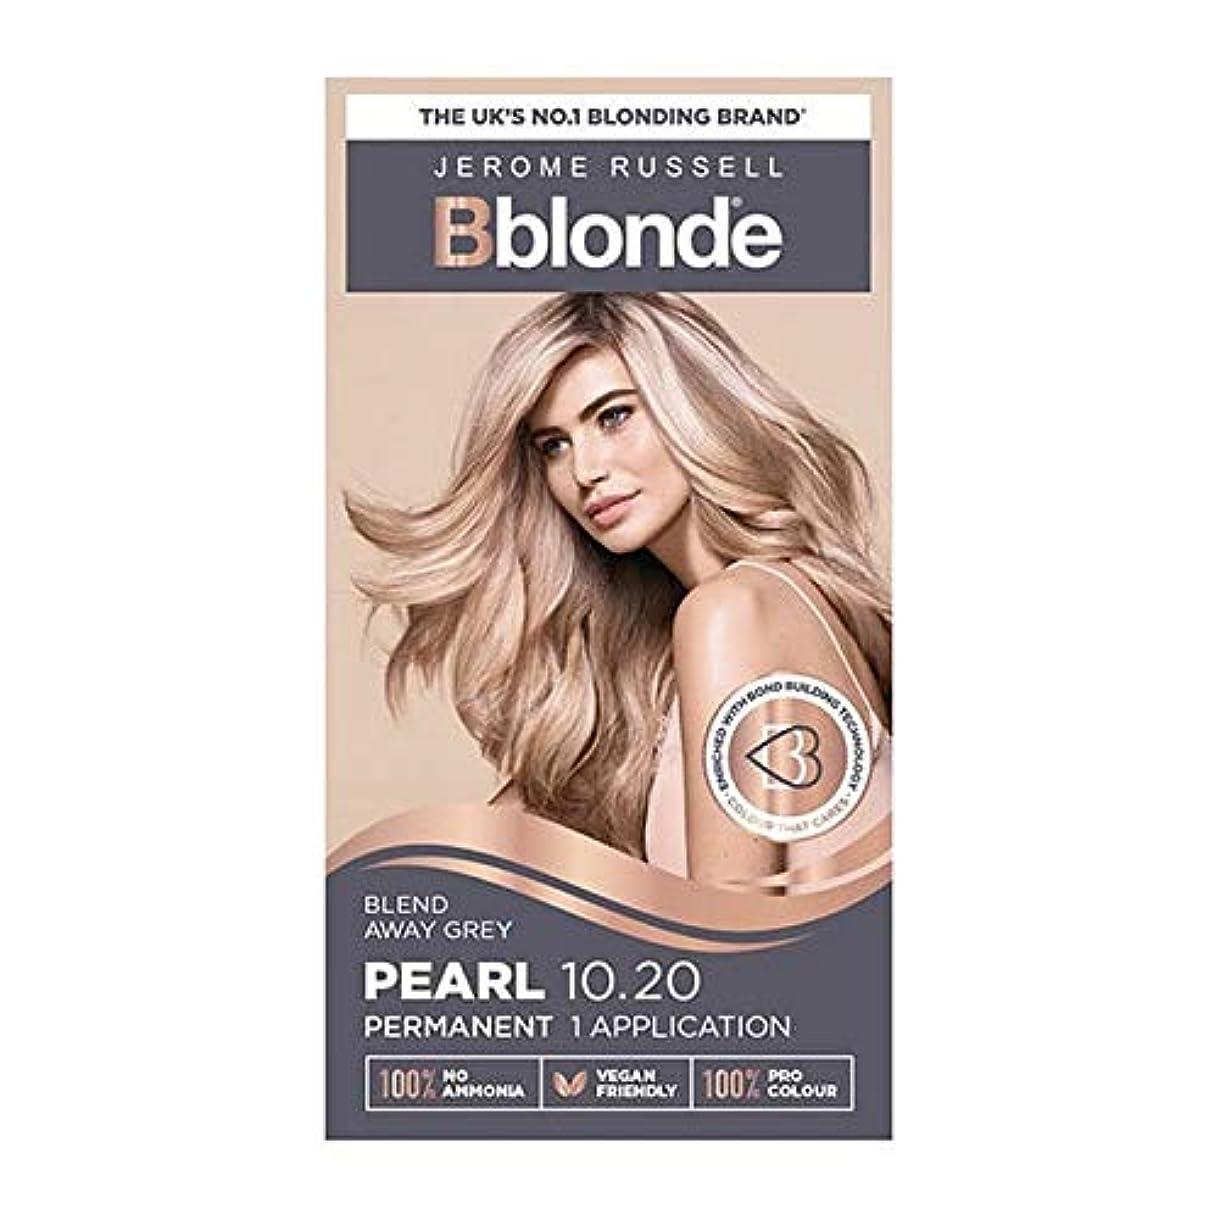 読みやすい体華氏[Jerome Russell ] ジェロームラッセルBblondeパーマネントヘアキット真珠10.2ブロンド - Jerome Russell Bblonde Permanent Hair Kit Pearl Blonde...